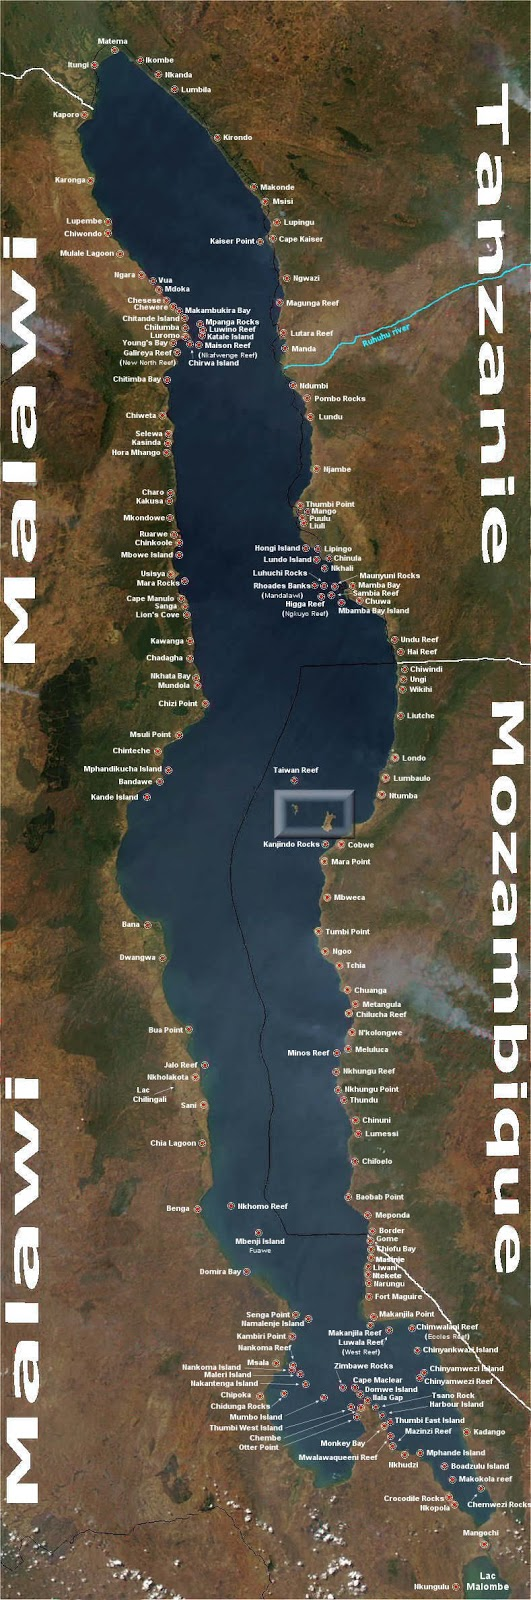 Mapa do Lago Malawi Mbunas